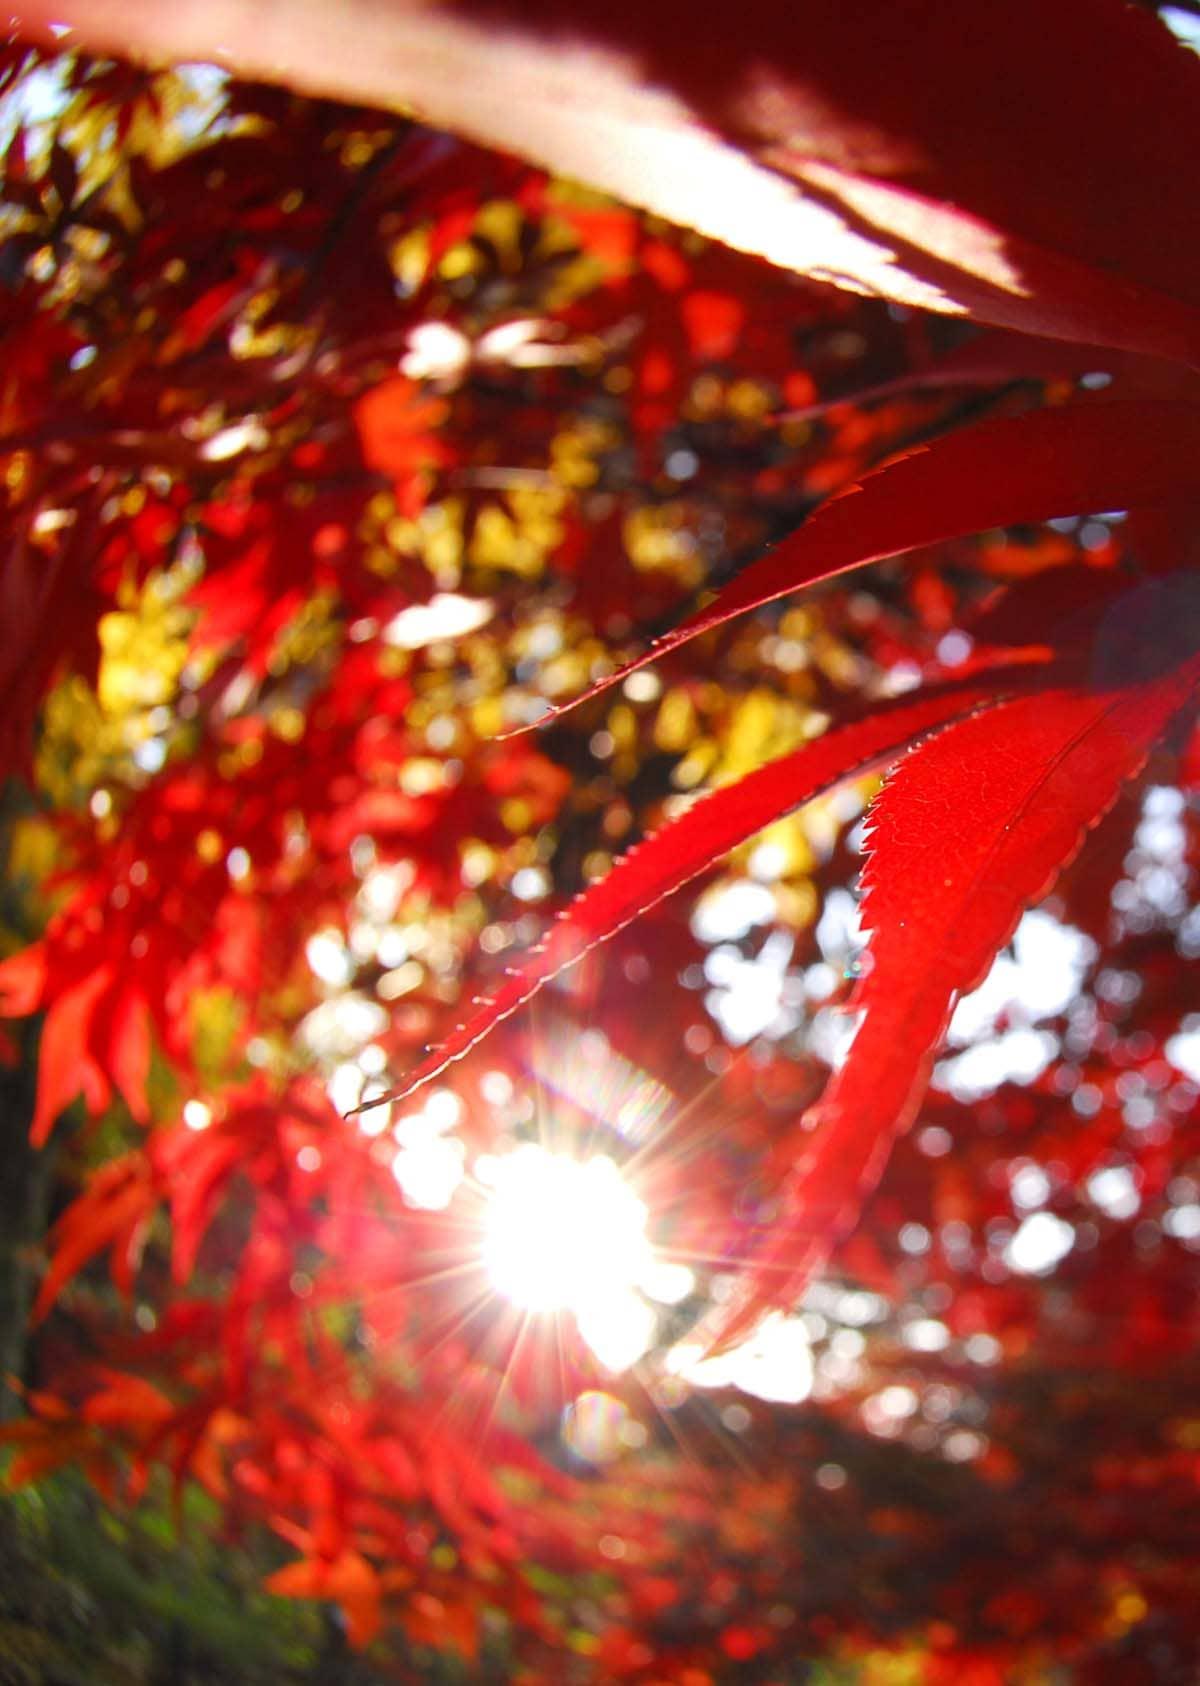 紅葉のアップ写真